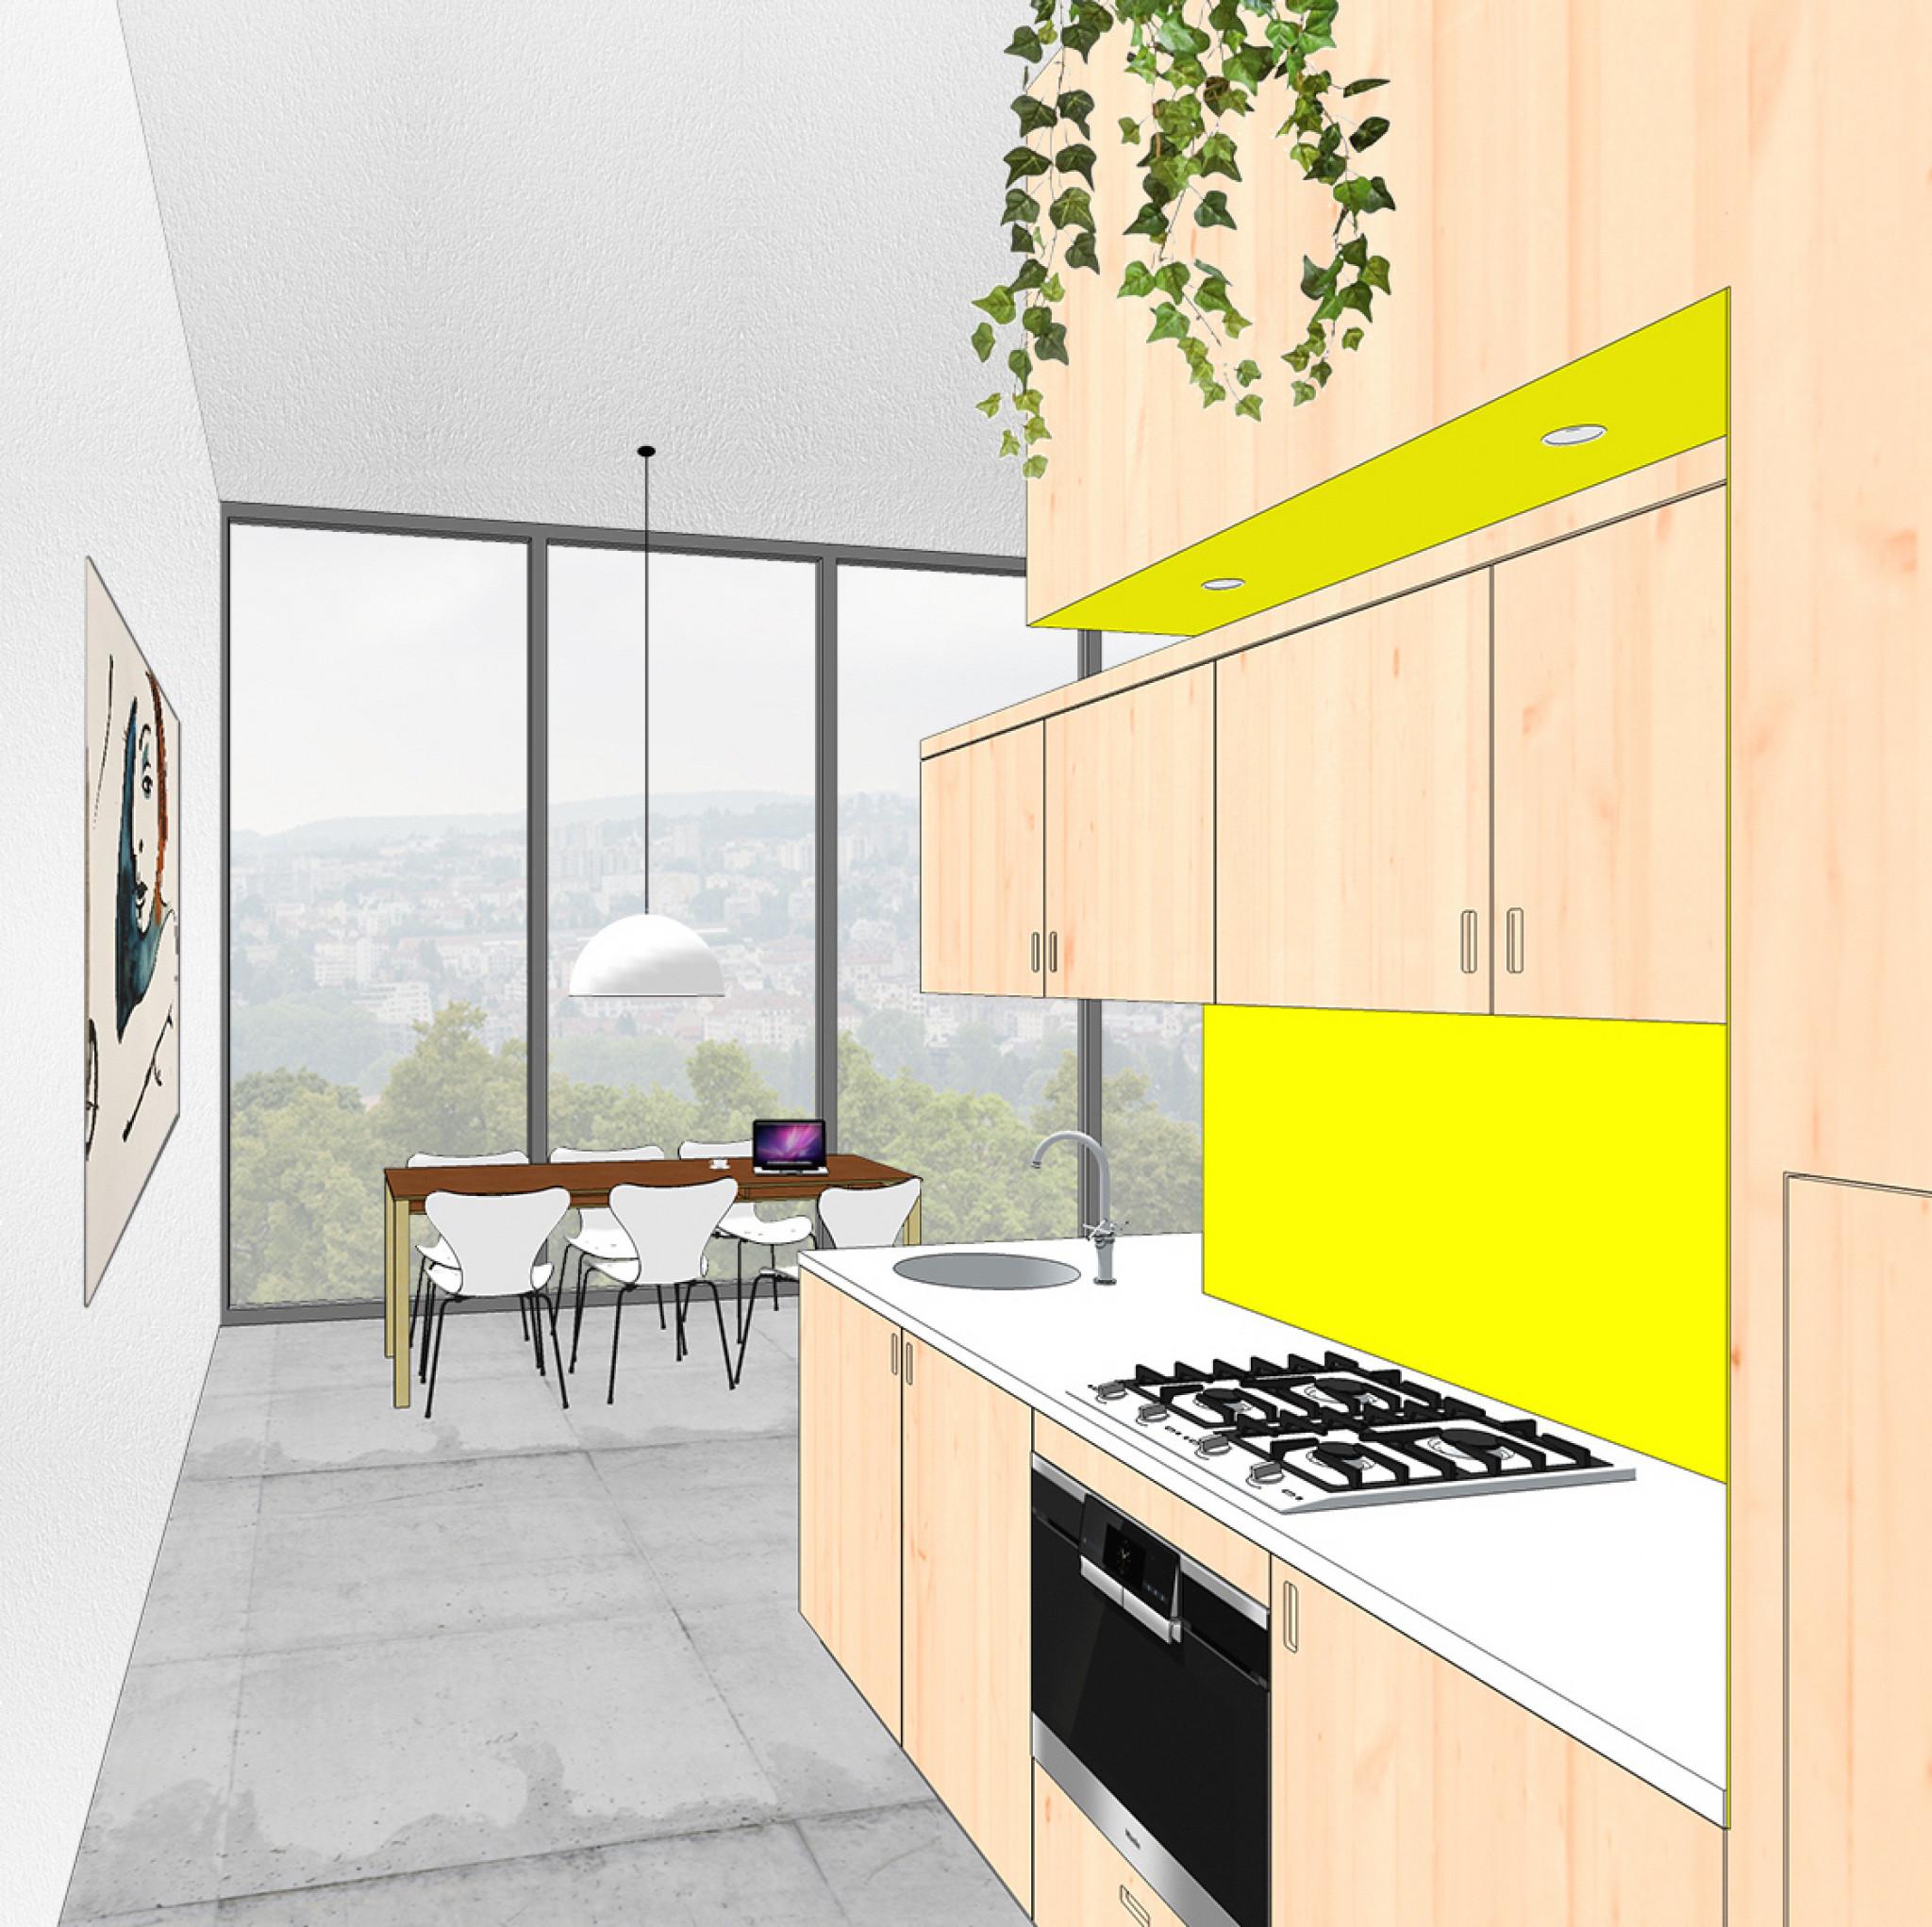 De Ontwerpwerkplaats, Gijs Niemeijer, Floor van Ditzhuyzen, Midi, condo, condoprijsvraag, micro-appartement, small apartment, micro apartment , condoprijsvraag, condo, small apartment, micro apartment